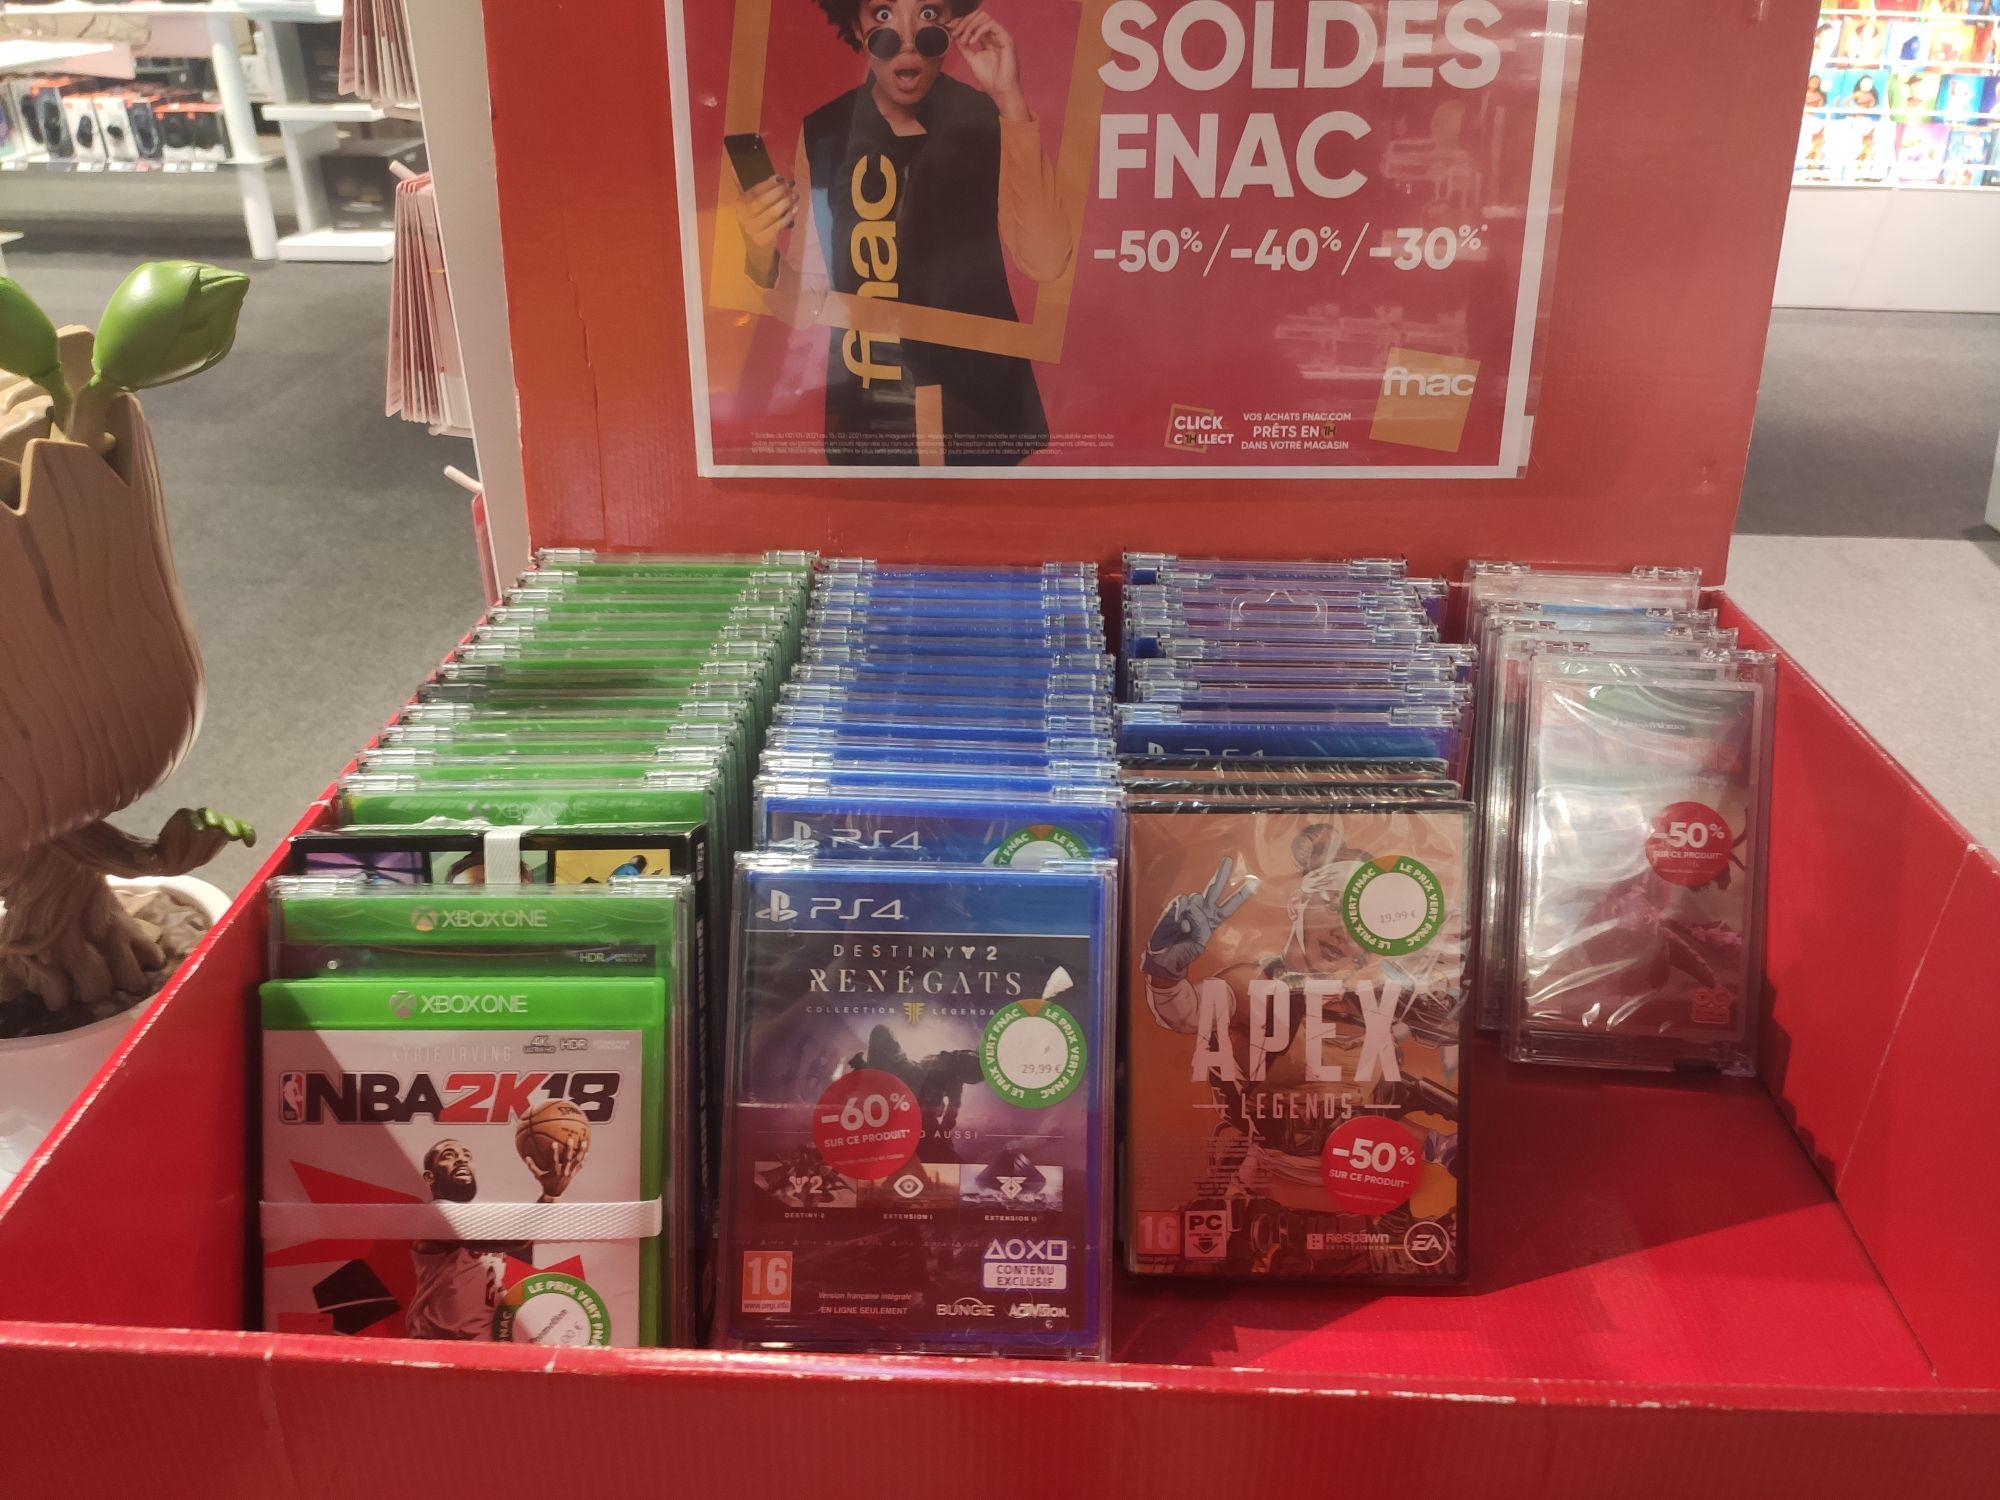 Sélection de jeux vidéo en promotion - Ex : NBA 2K18 sur Xbox One - Nogent-le-Rotrou (28)